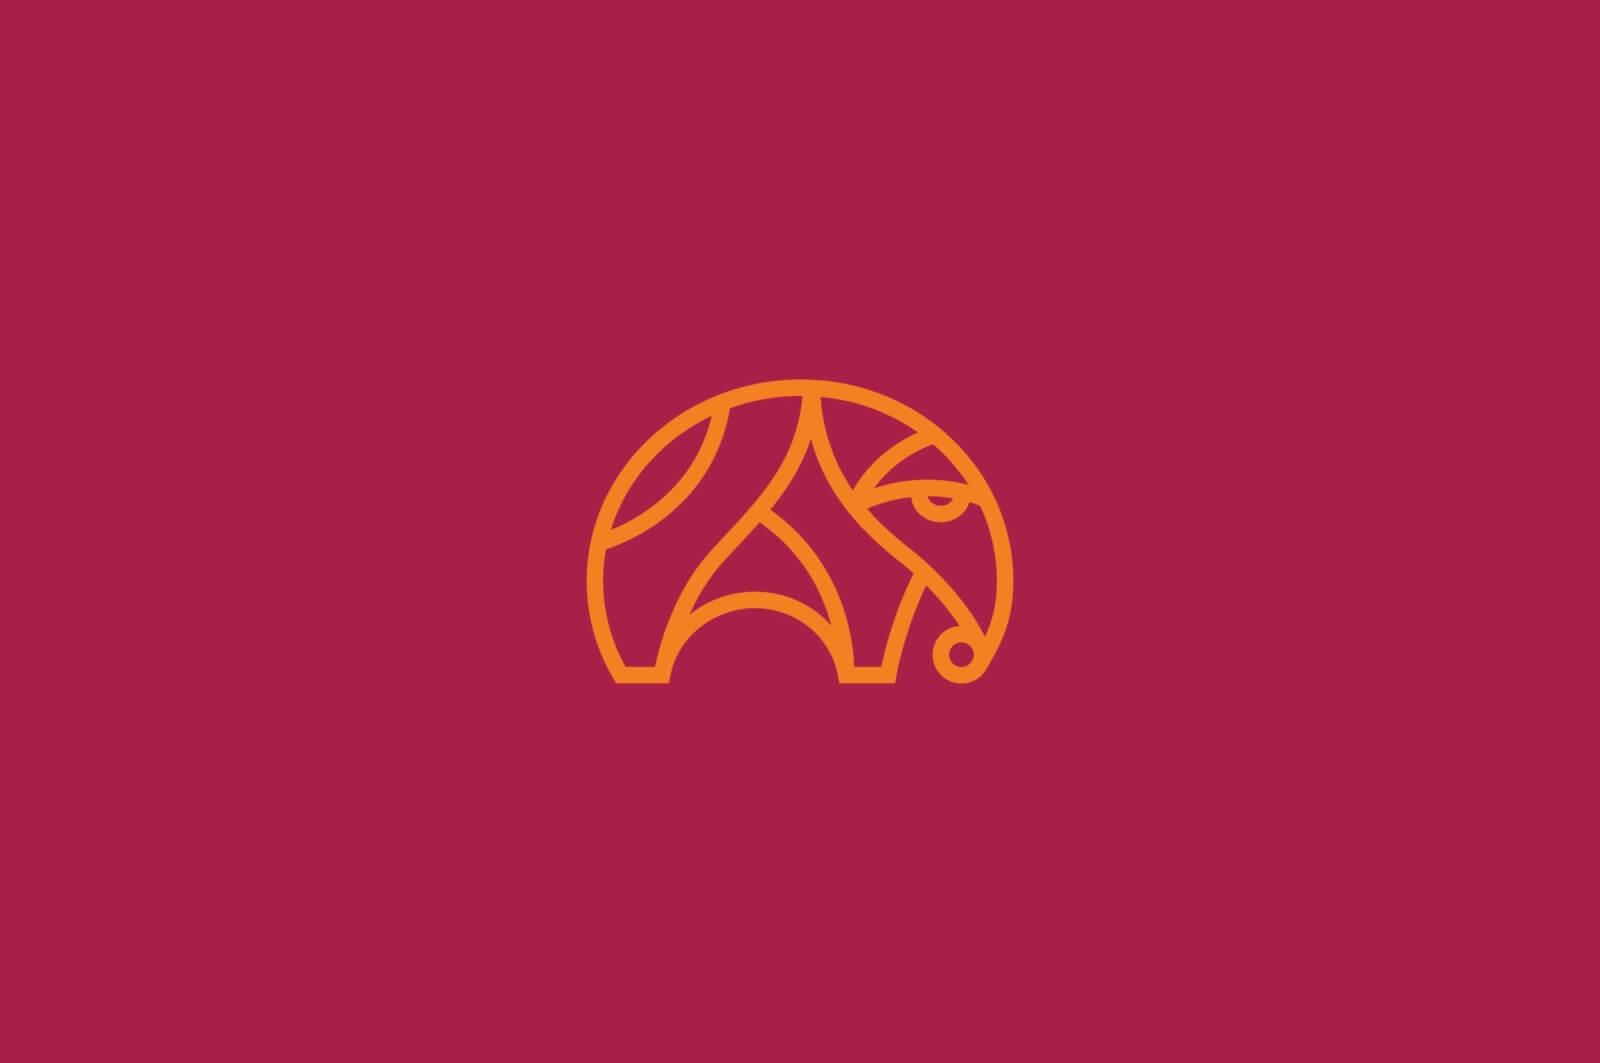 泰式餐廳logo品牌商標